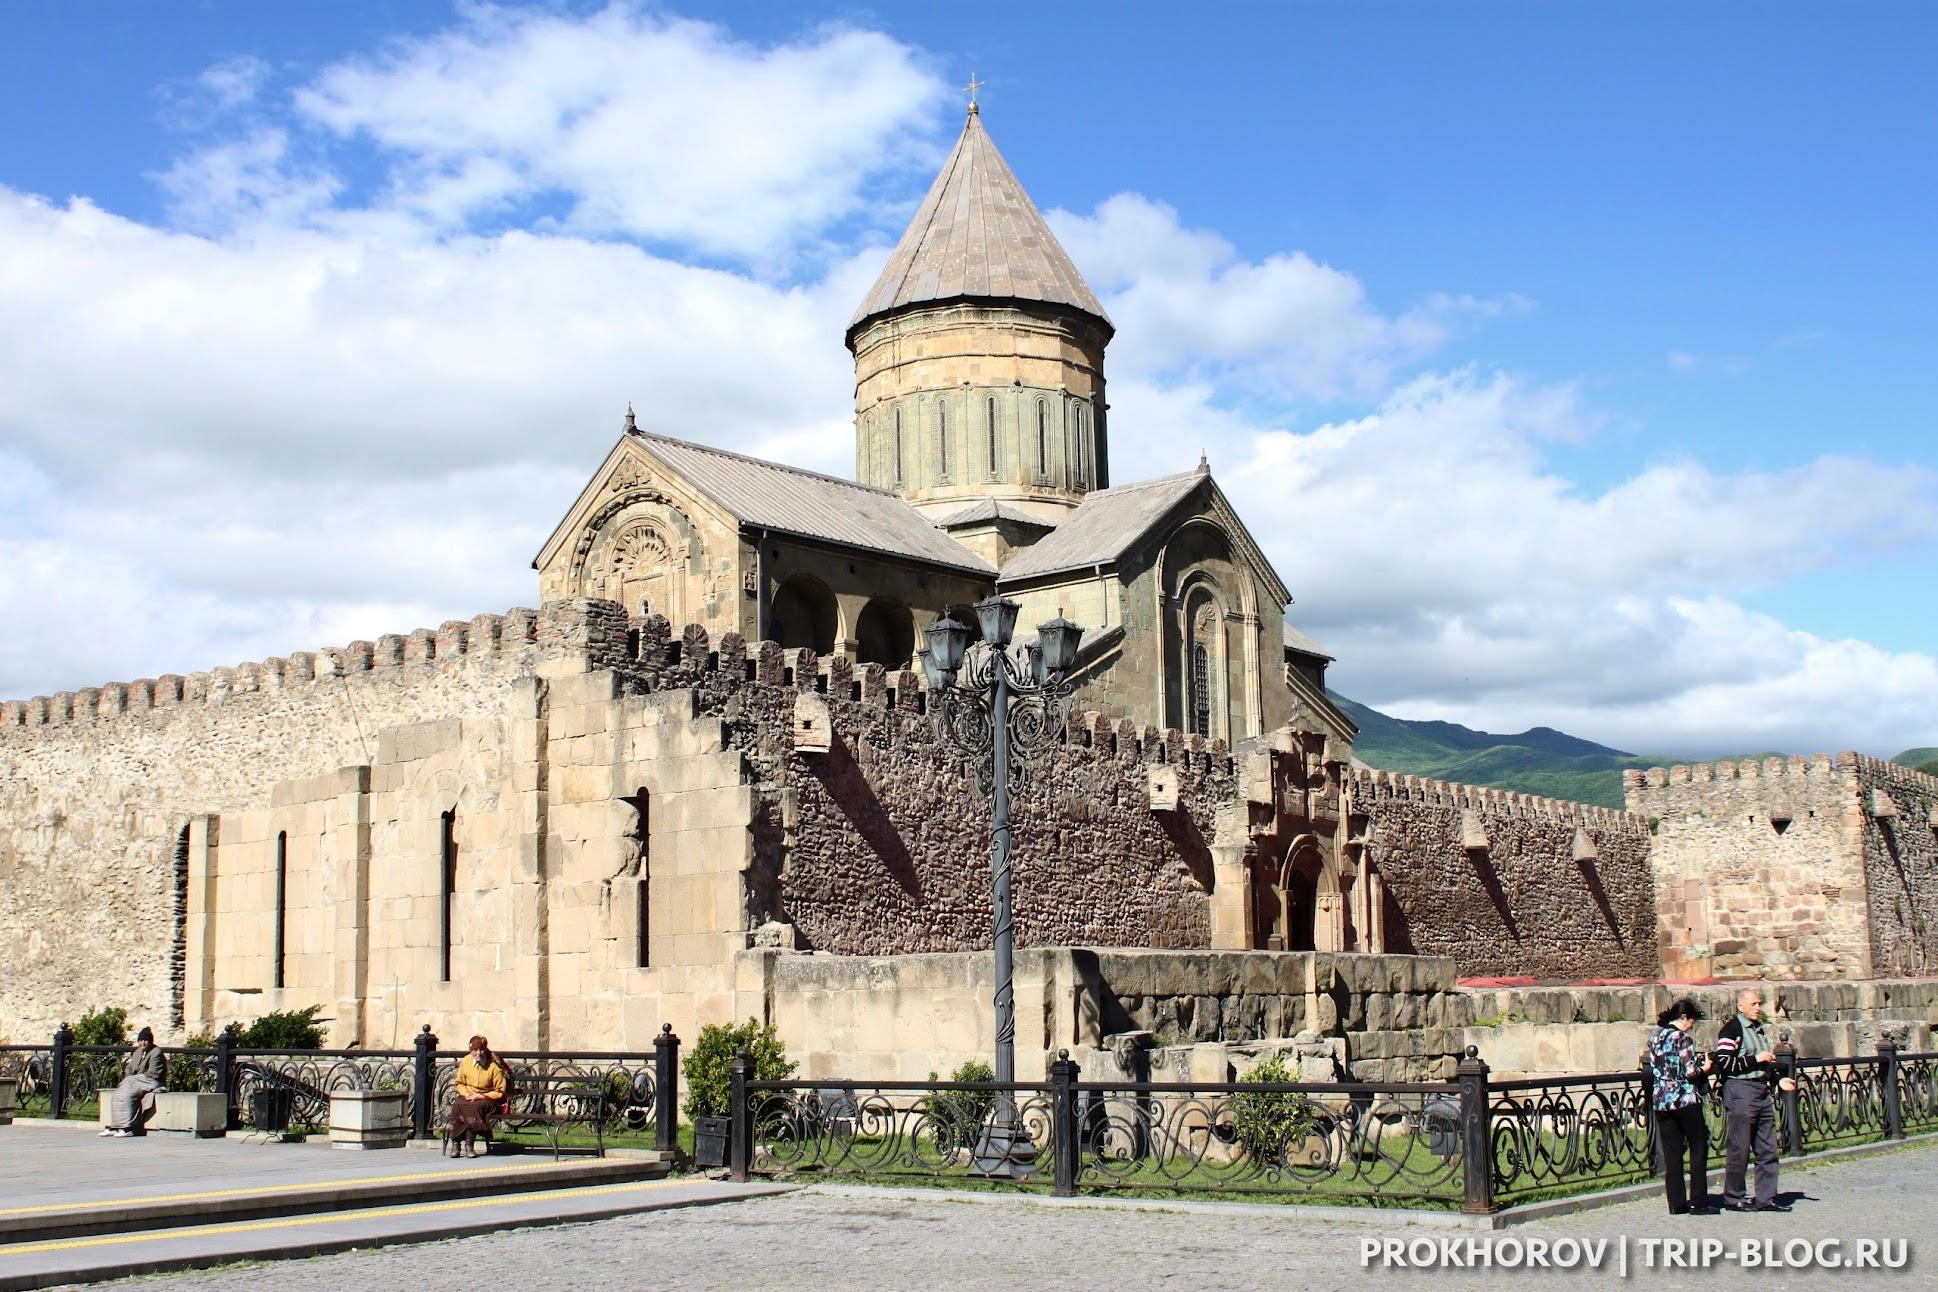 Экскурсии из Тбилиси в Мцхету